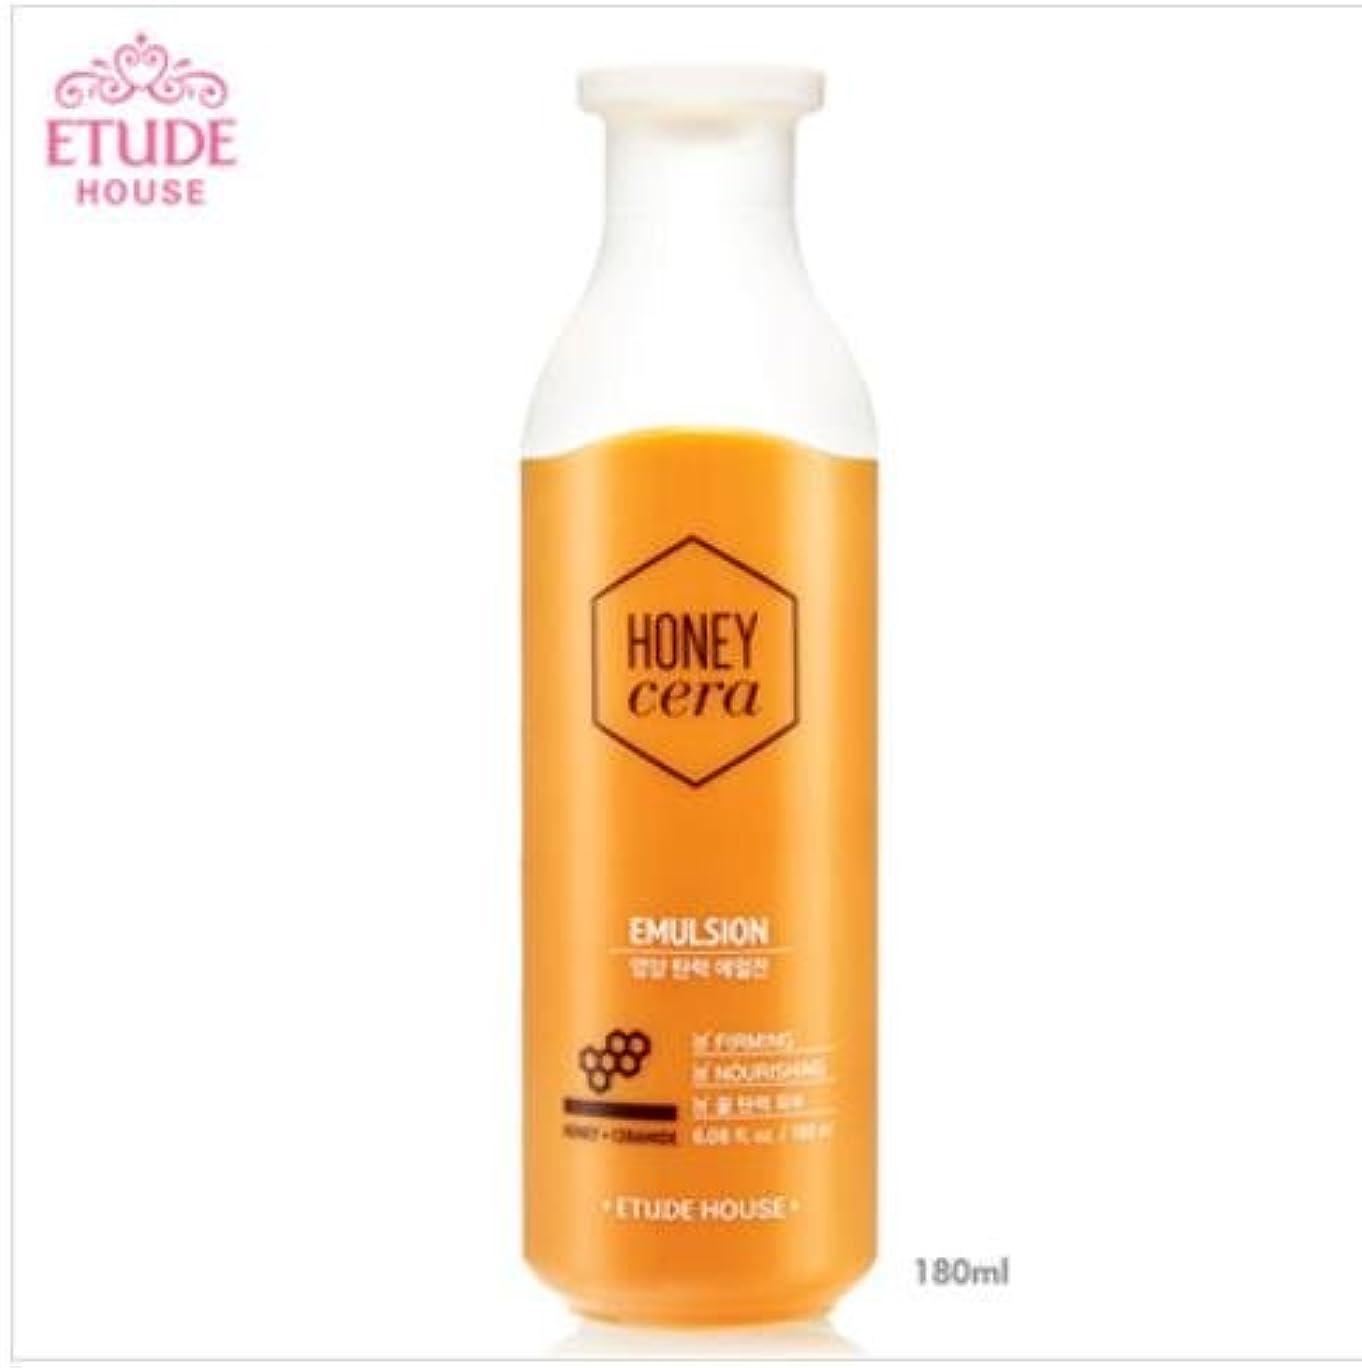 小さな誇張レンド[エチュードハウス] ETUDE HOUSE [ハニーセラ 栄養弾力 エマルジョン 180ml] (Honey Sarah nutrition elastic Emulsion 180ml) [並行輸入品]